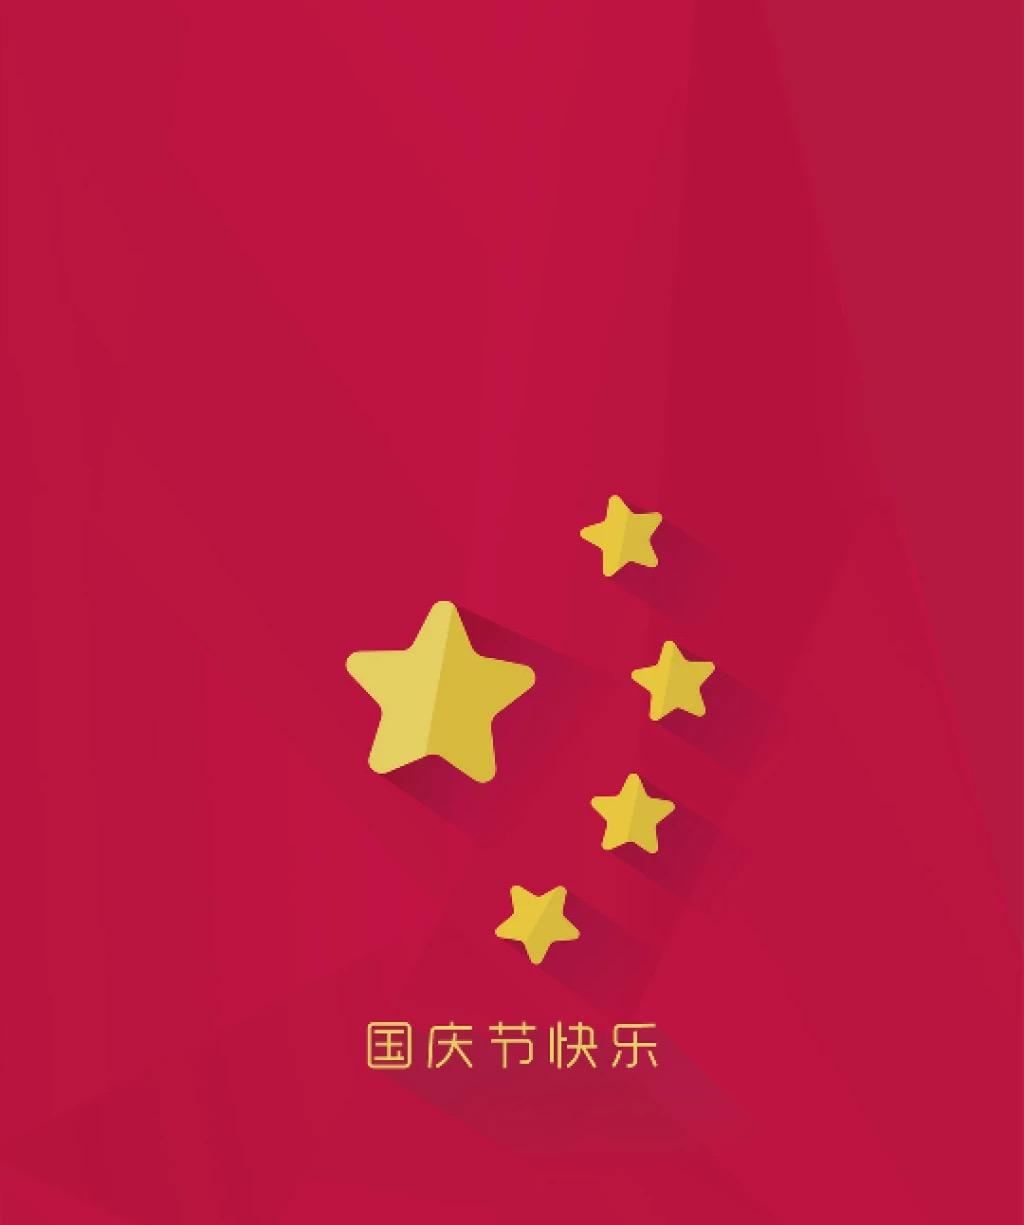 简单粗暴 直接上图祖国生日快乐为中国点赞 不给国家添乱国庆快图片